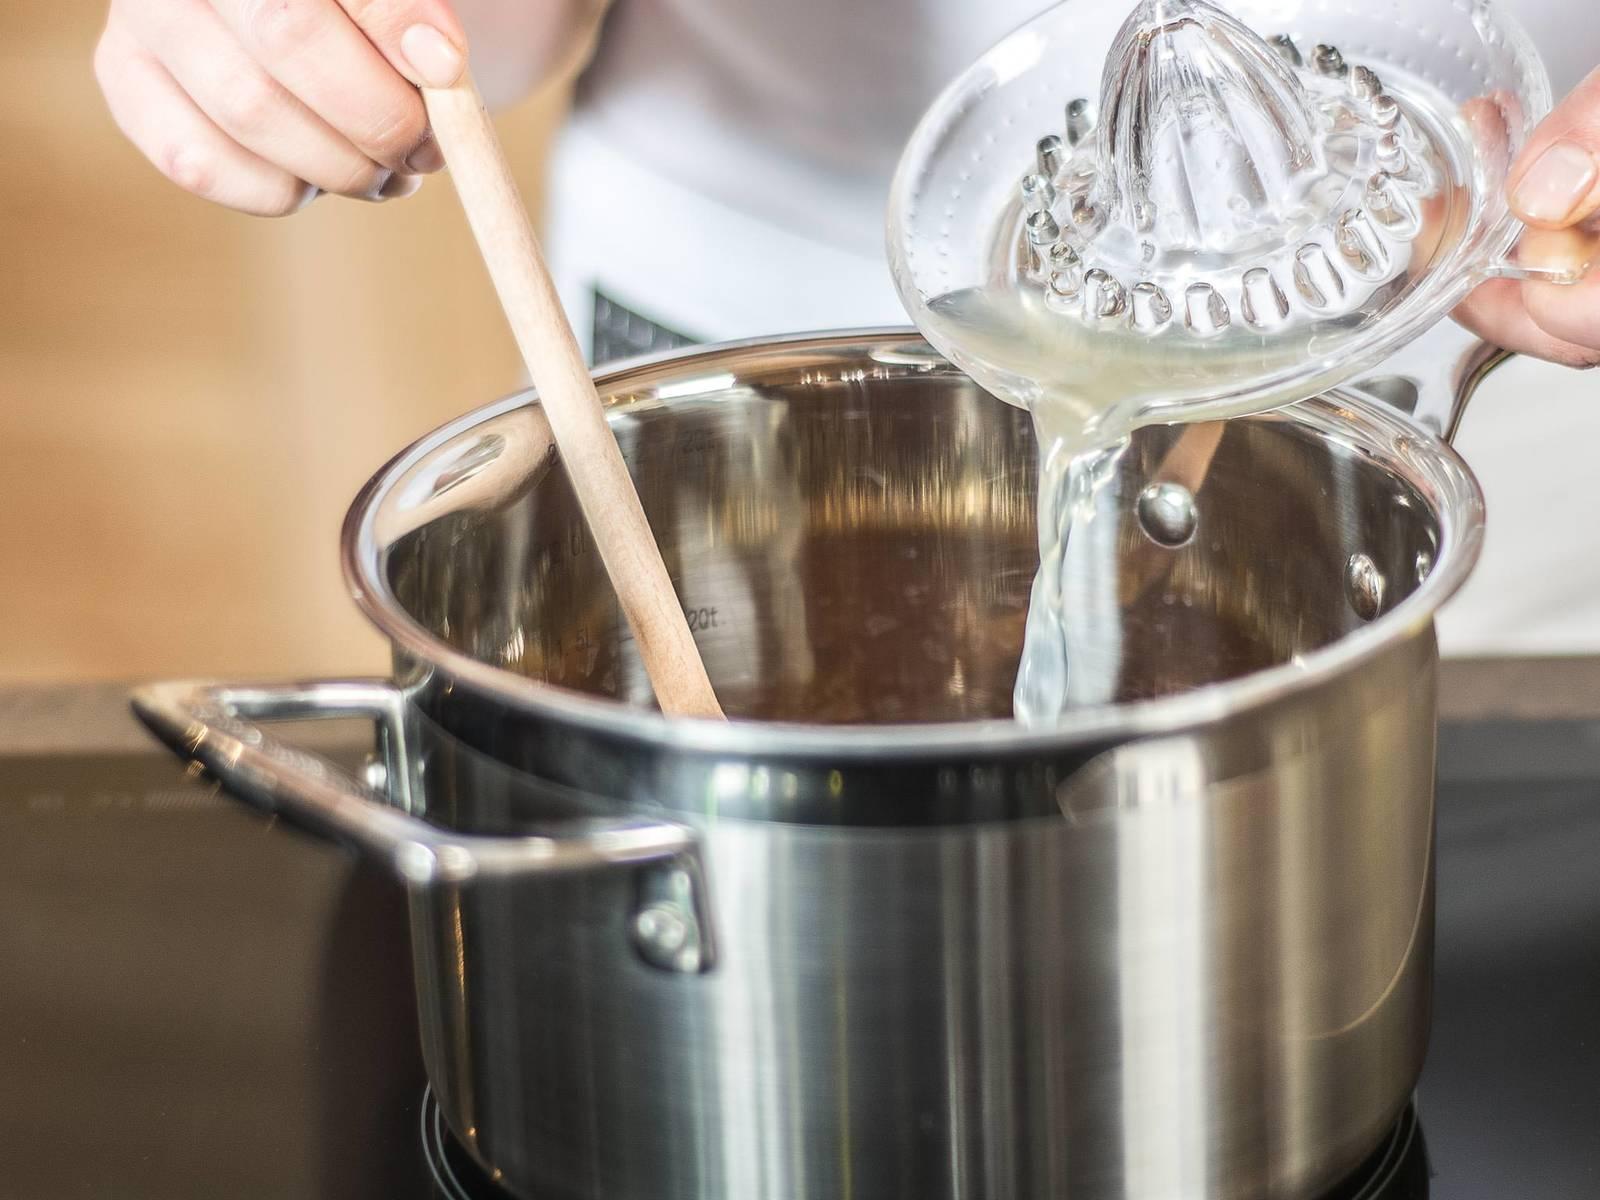 Zucker mit dem Limettensaft karamellisieren lassen.